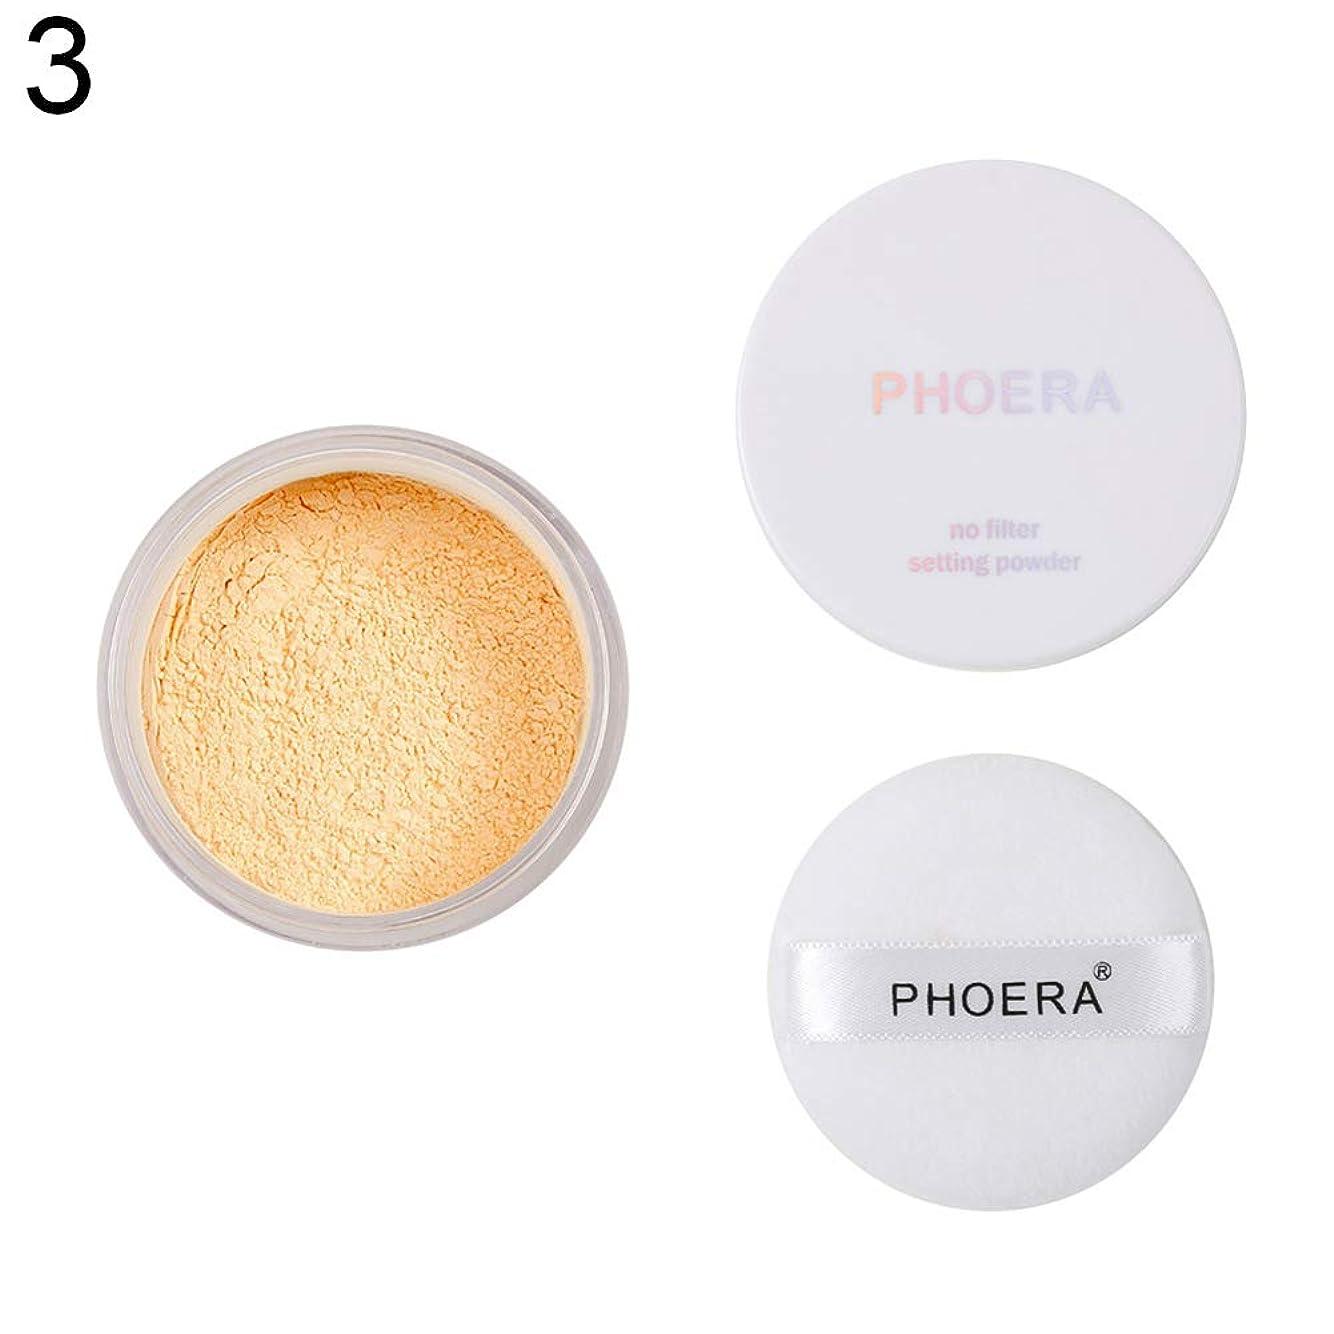 日焼け拾う良性PHOERAマットルーズセッティングパウダーオイルコントロールブライトニングスキンフィニッシュ化粧品 - 3